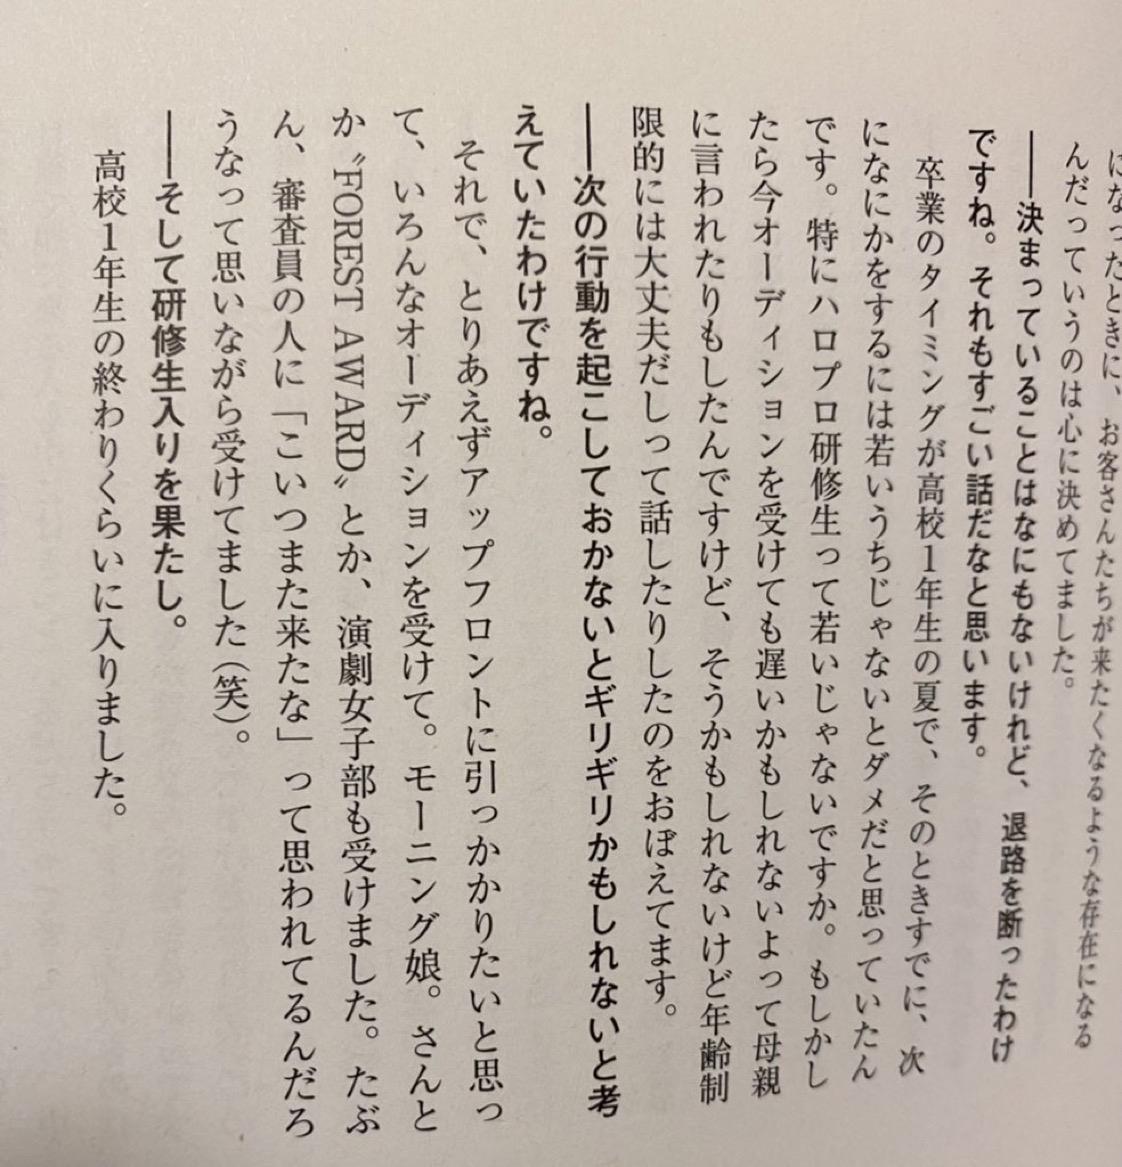 f:id:me-me-koyagi:20201101233758j:plain